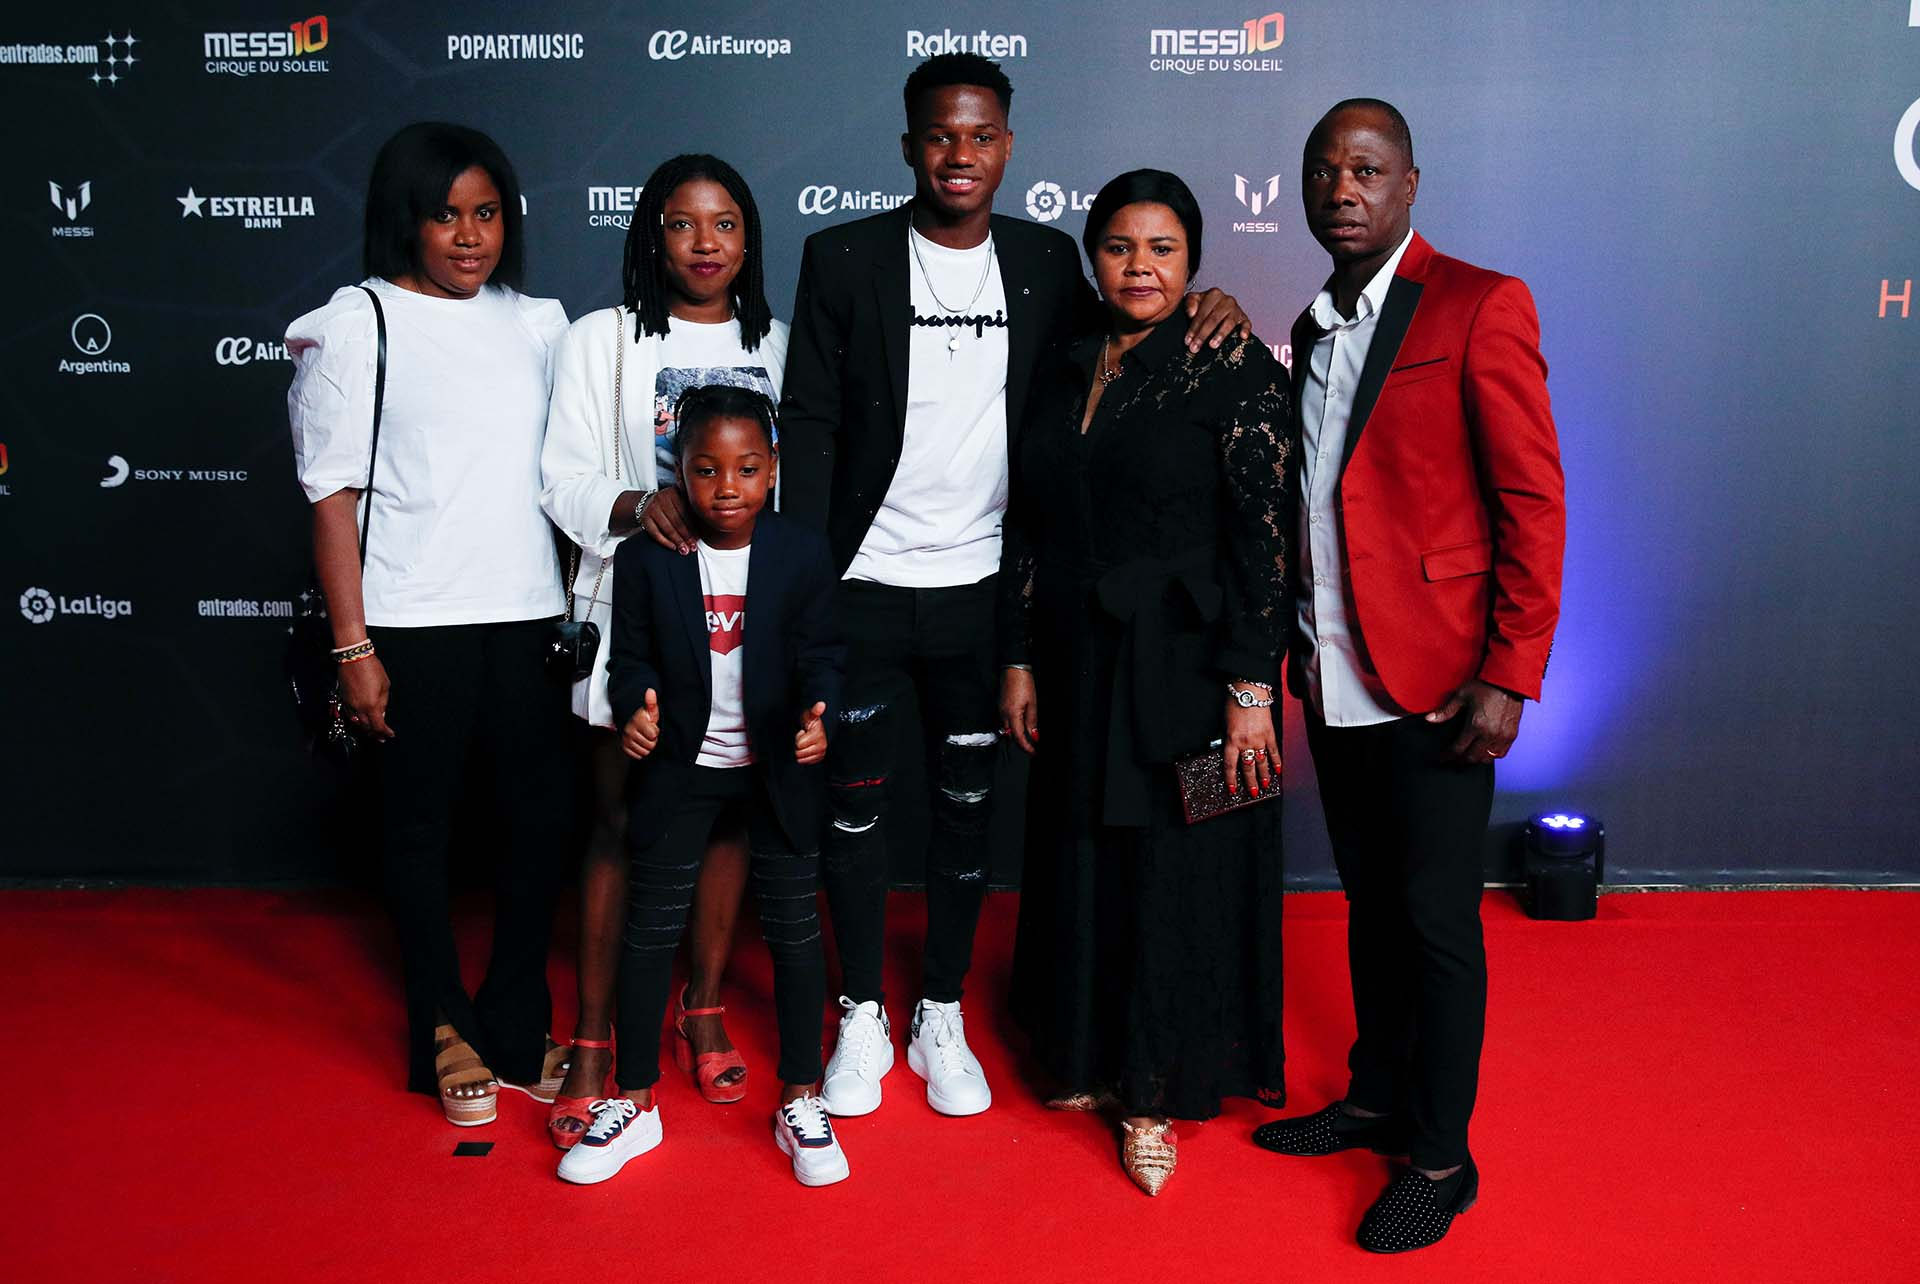 El futbolista Ansu Fati, del Barcelona, junto a su familia en la premiere de